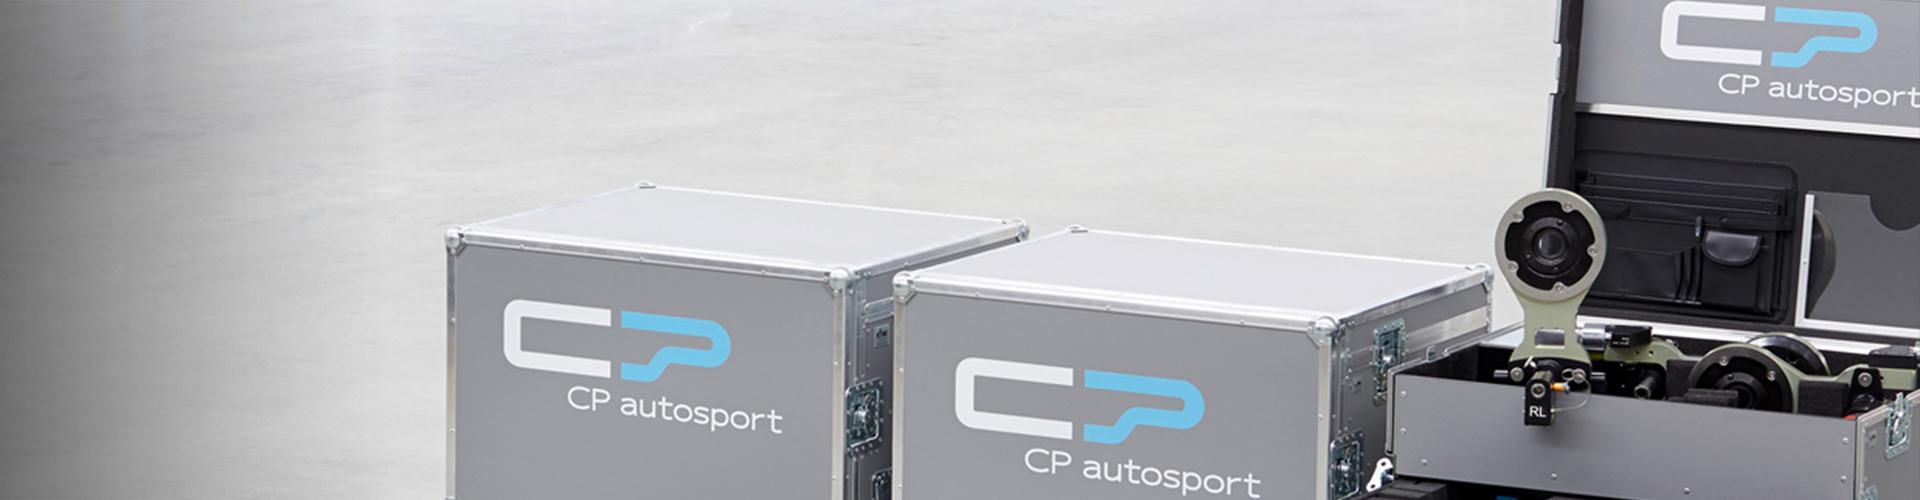 Beschriftungen für ProjectPartner-Kunde CP